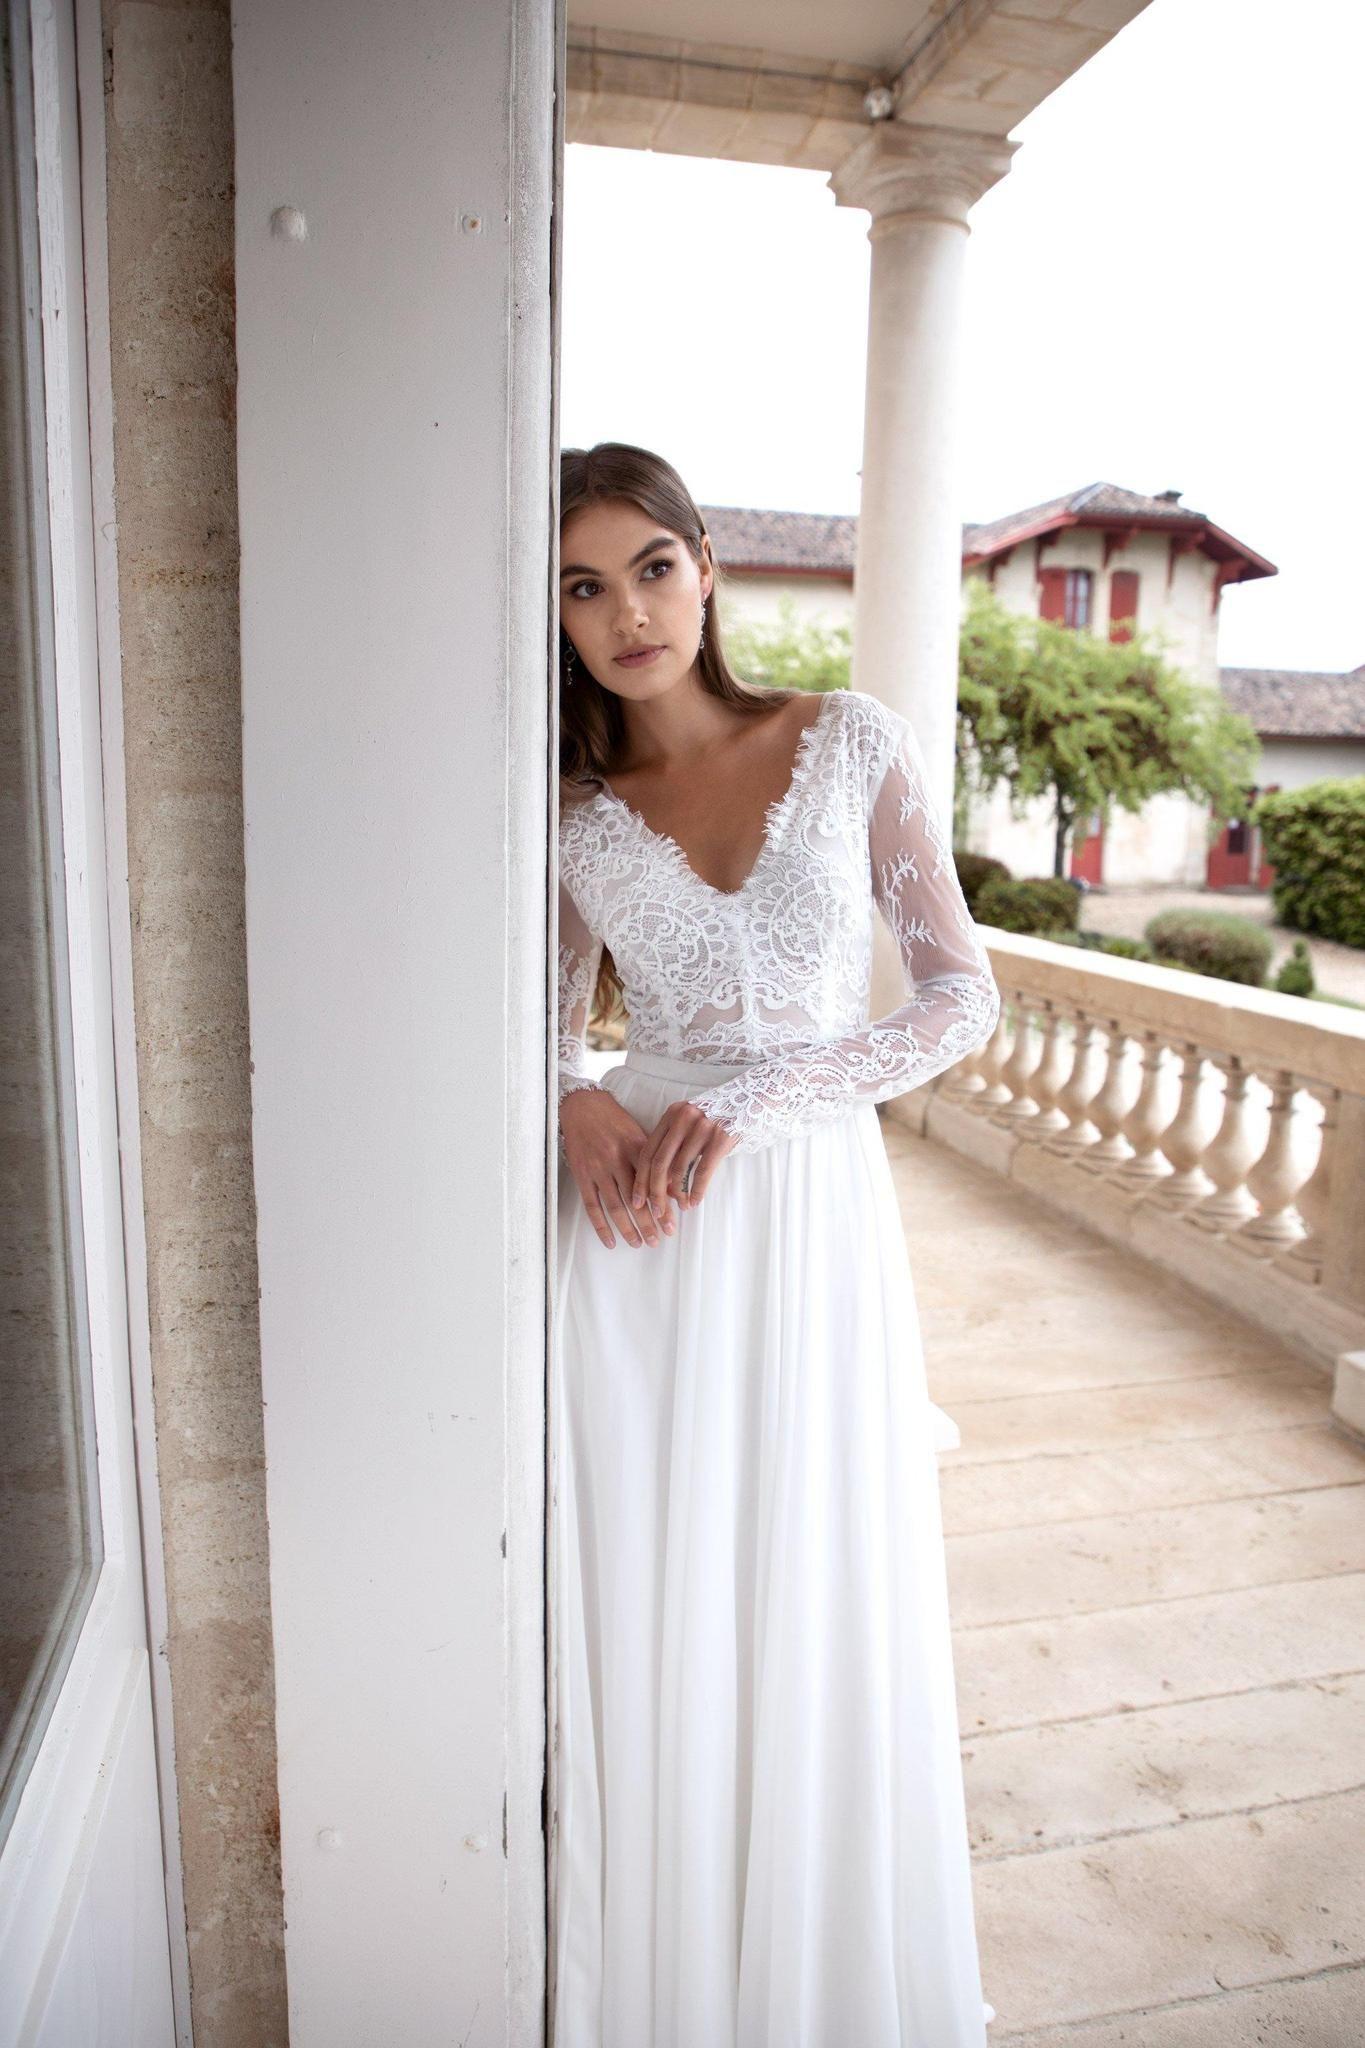 Robes De Mariée à Dentelle à Bordeaux Notre Top Les Filles Fidèles Robe De Mariée Dentelle Robe Romantique Robe De Mariée Classique